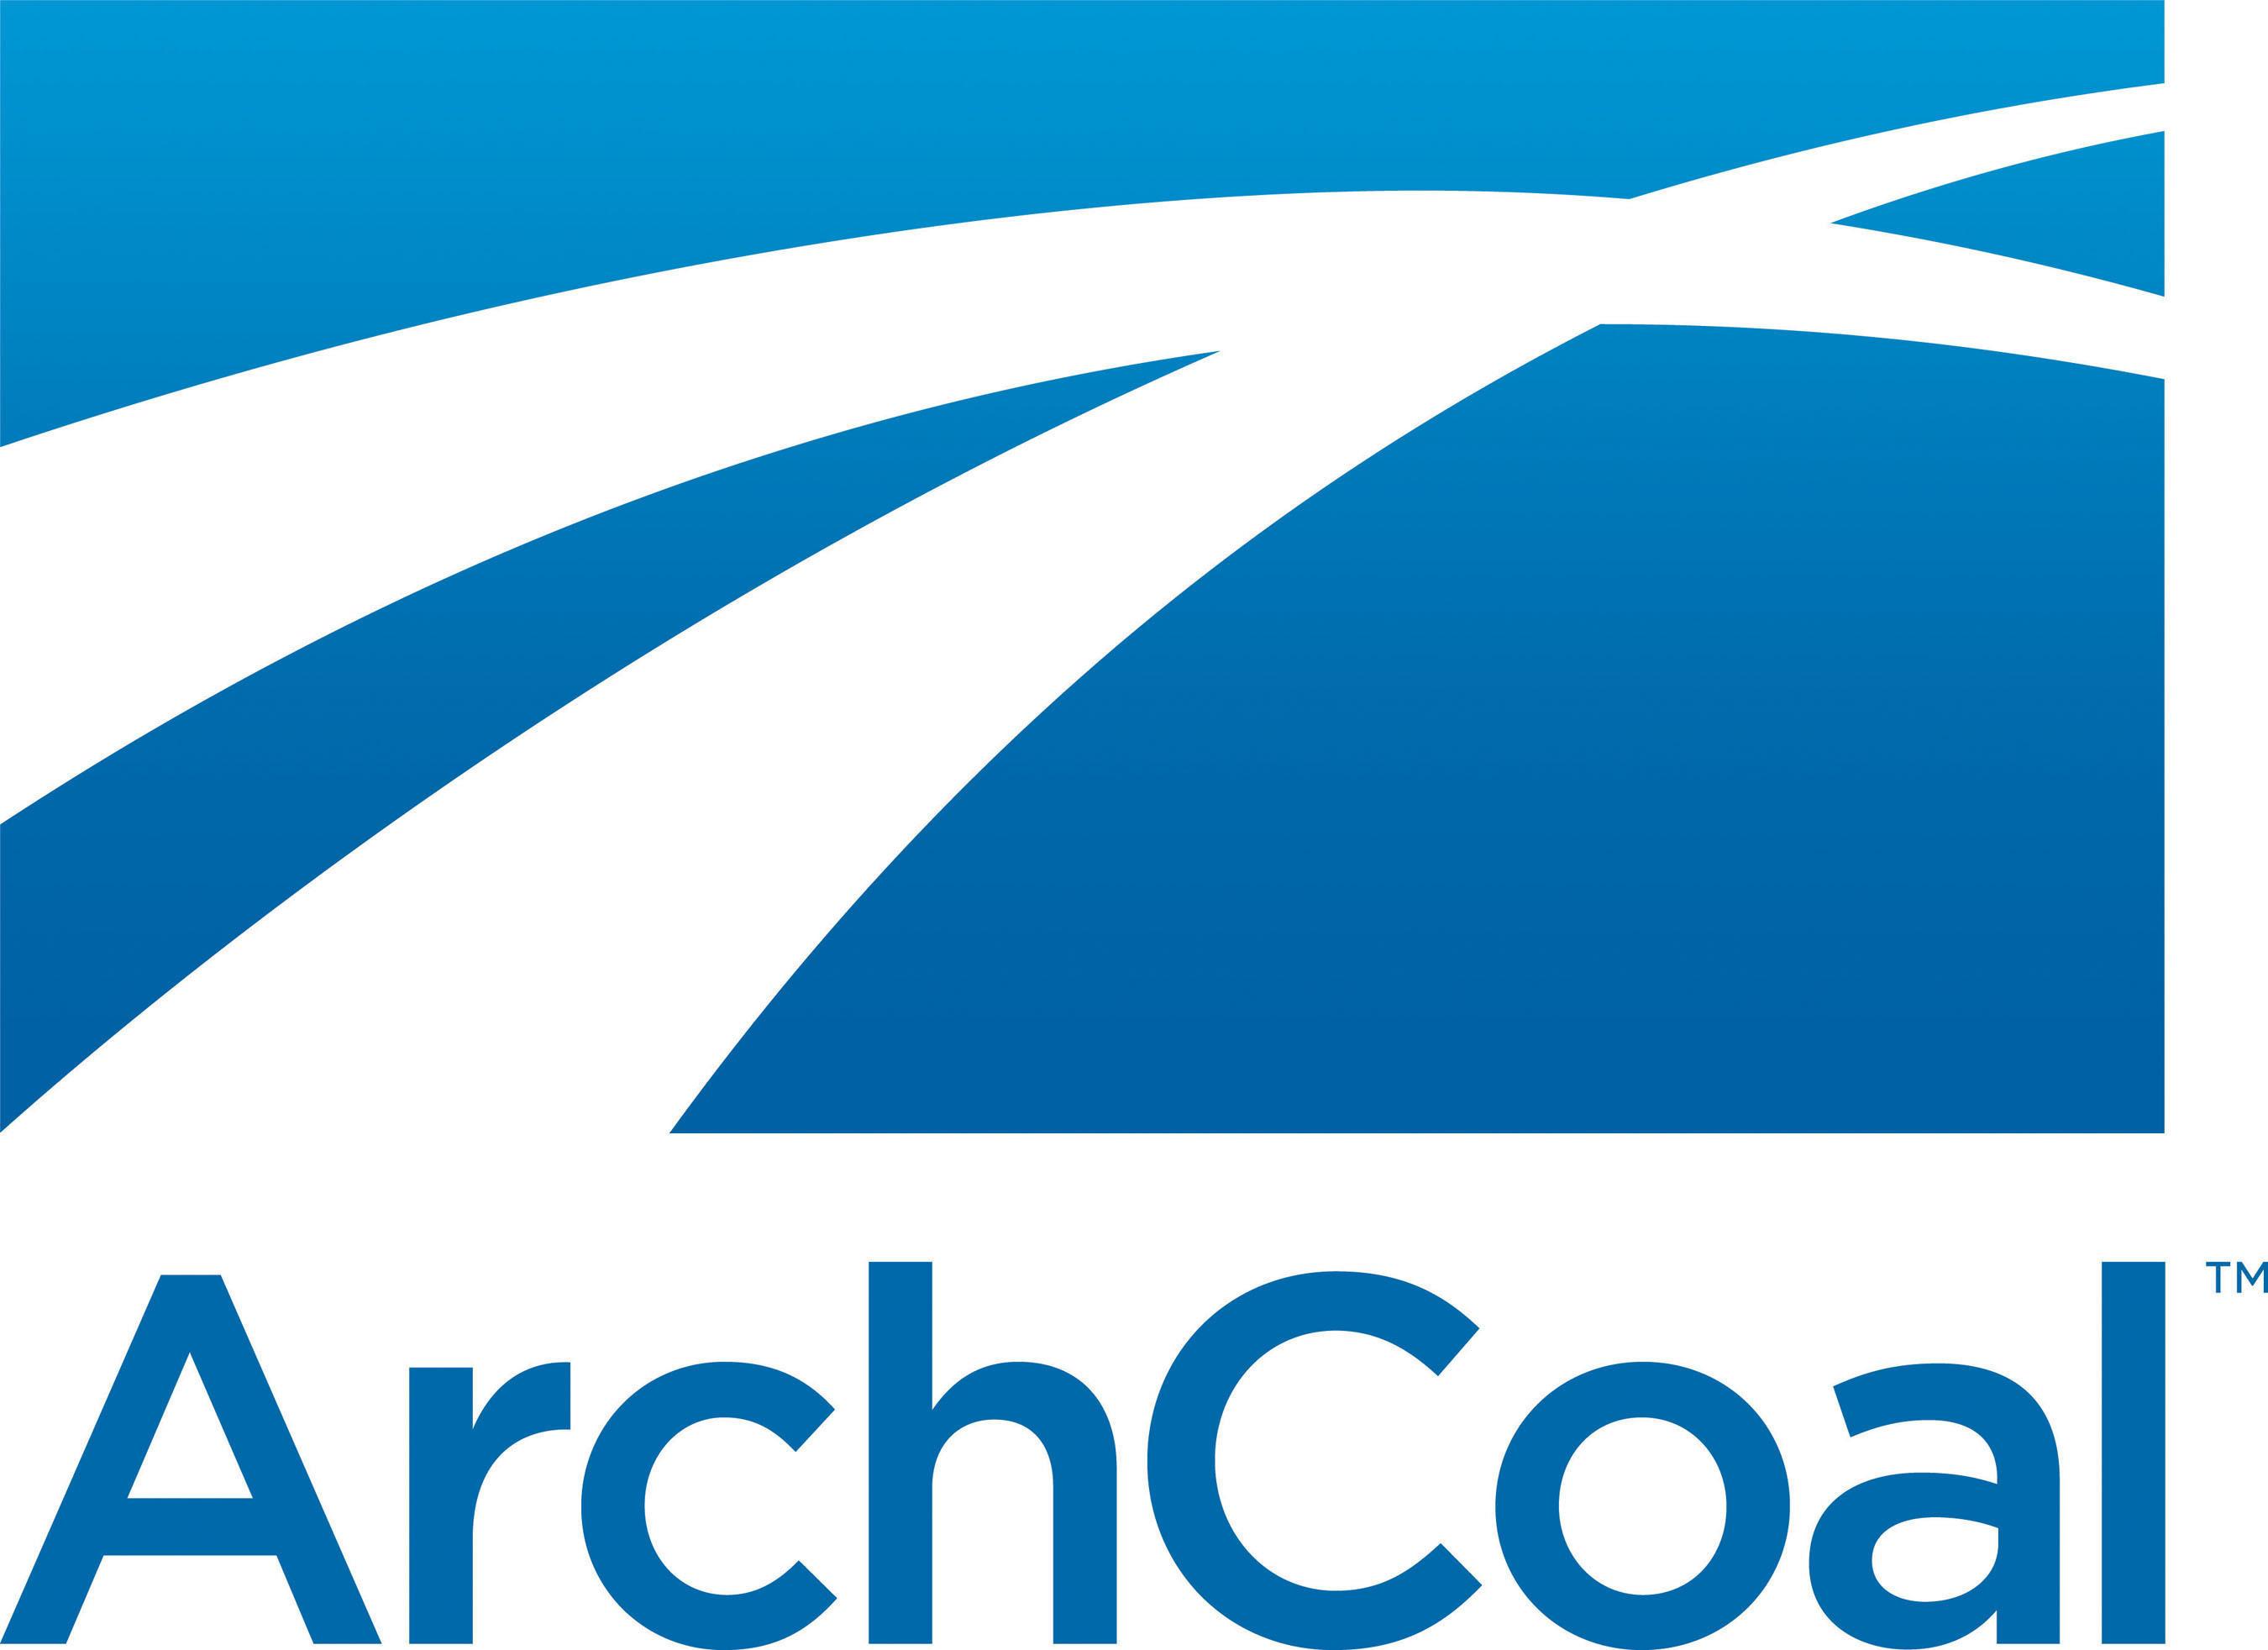 Arch Coal, Inc. logo.